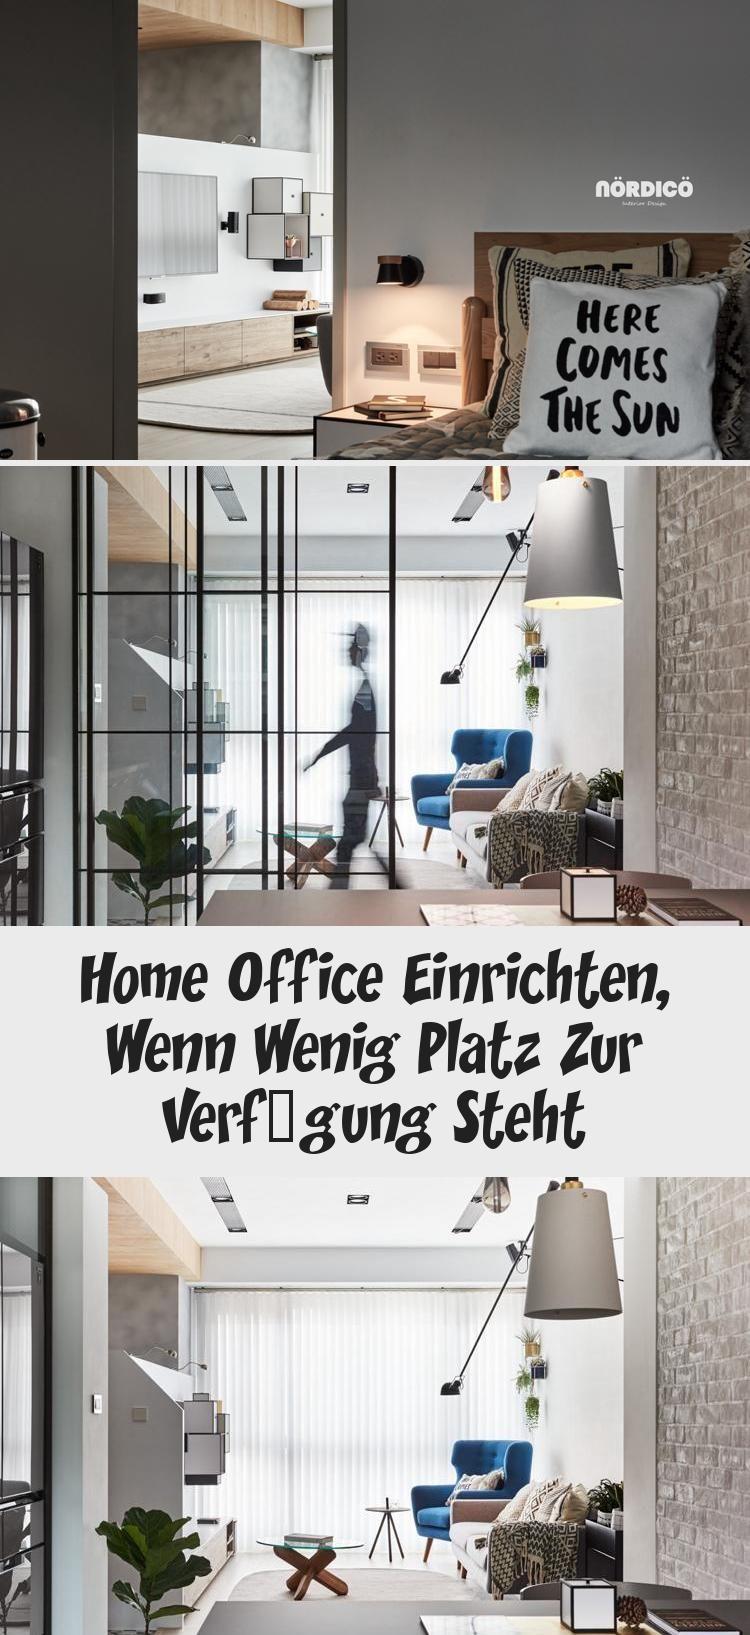 De Blogen De Blogen In 2020 Home Office House Office